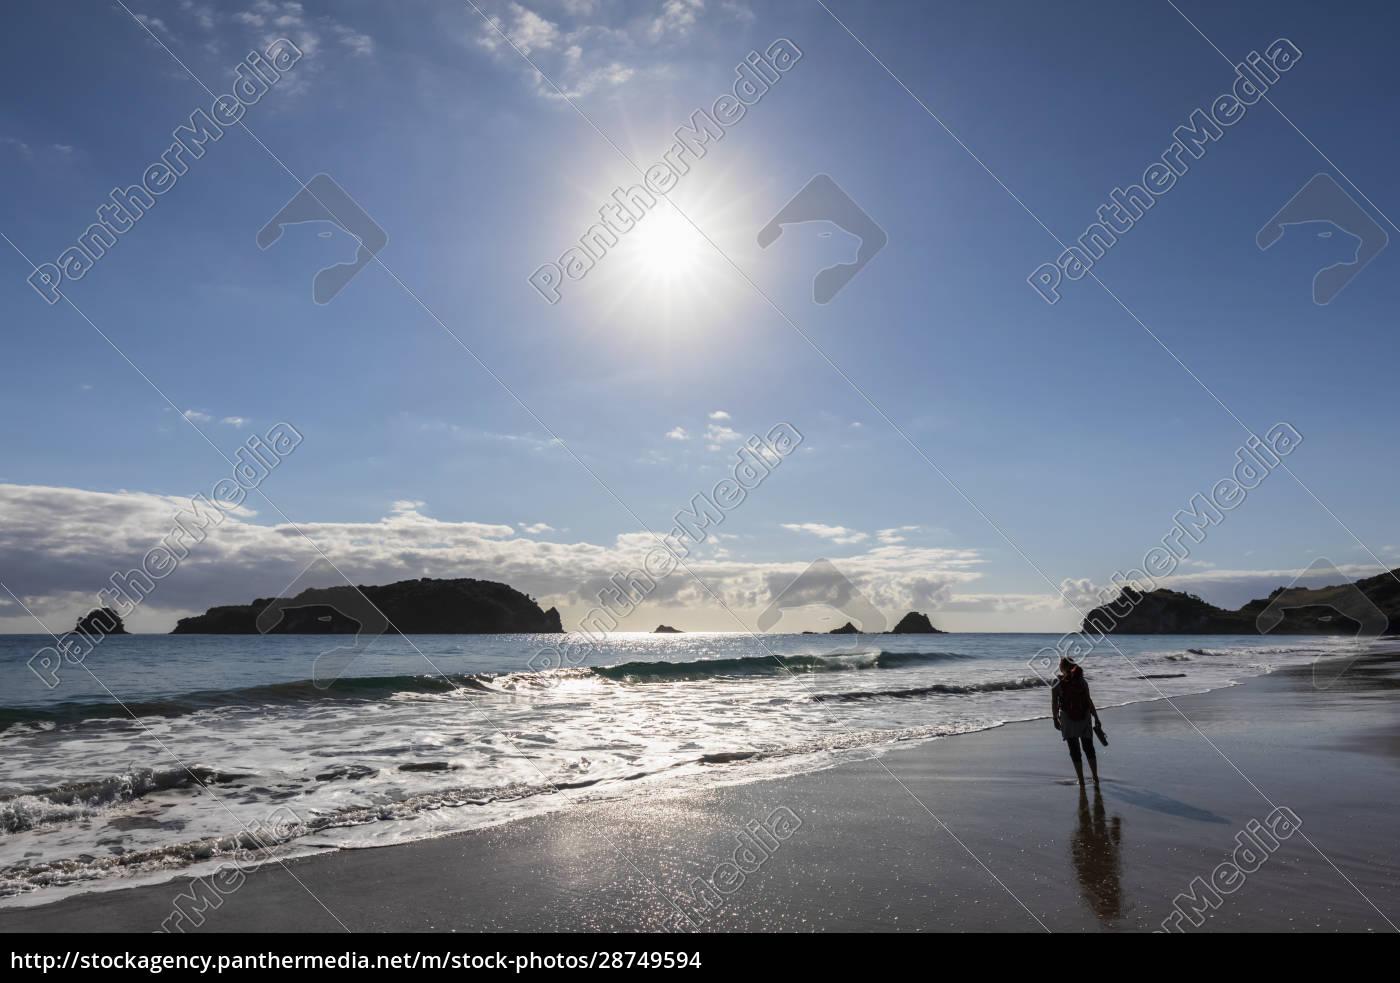 nuova, zelandia, isola, del, nord, waikato, sole, che, brilla - 28749594